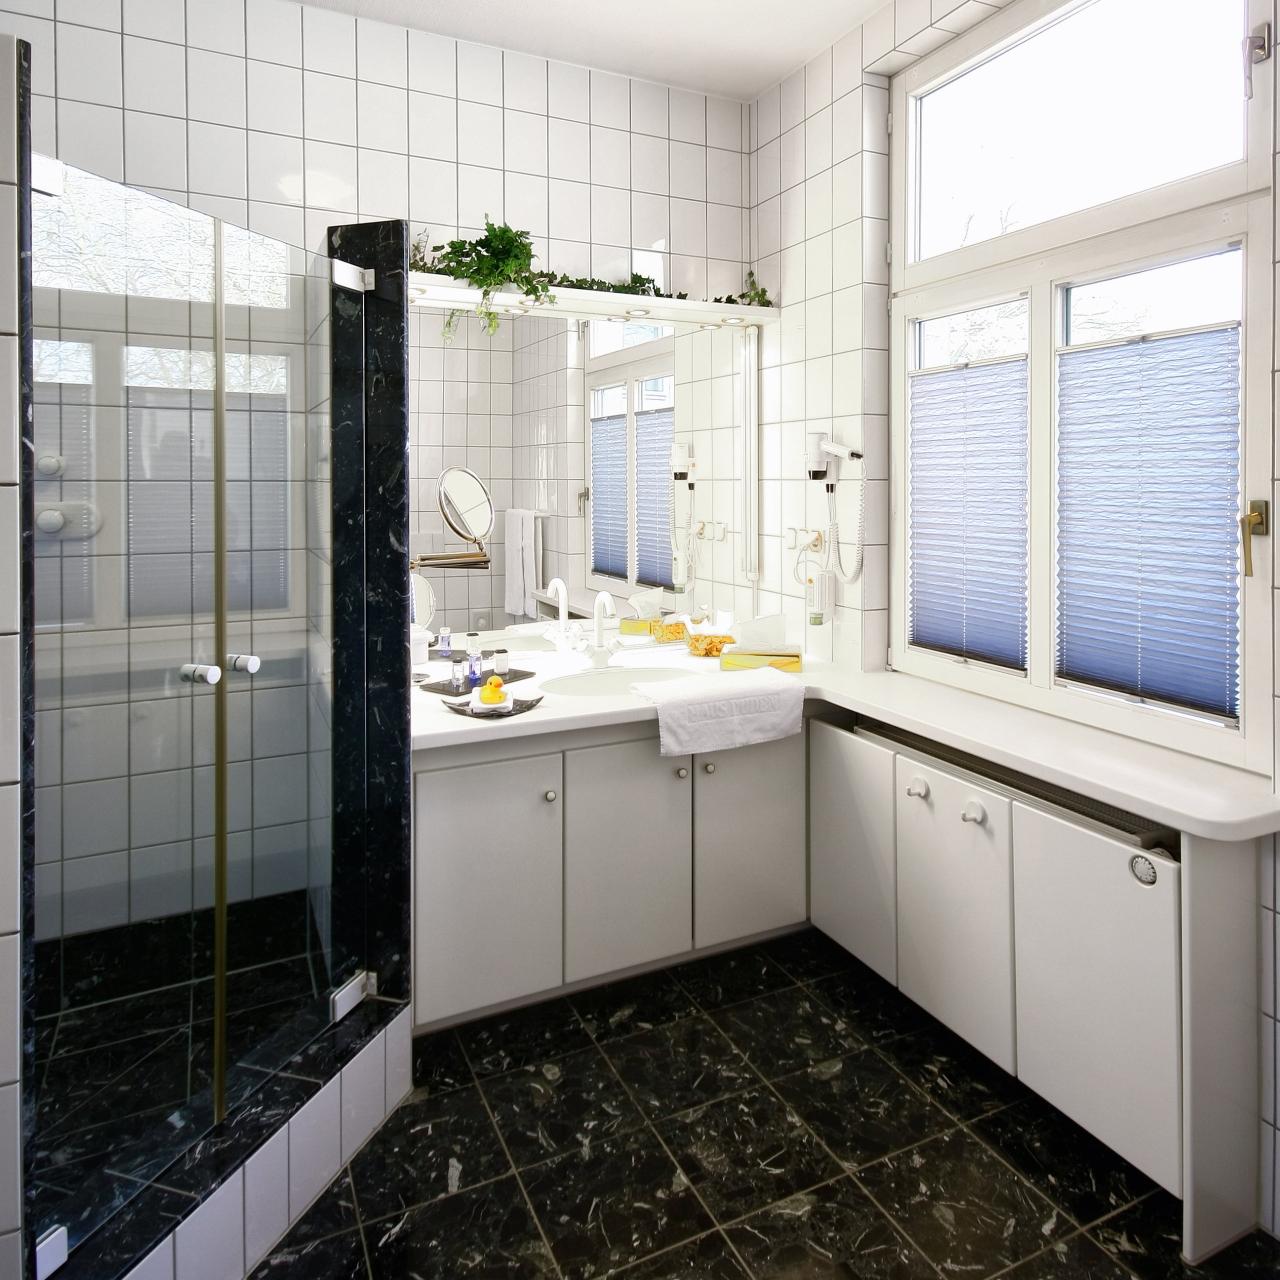 Hotel Haus Duden Wesel bei HRS günstig buchen